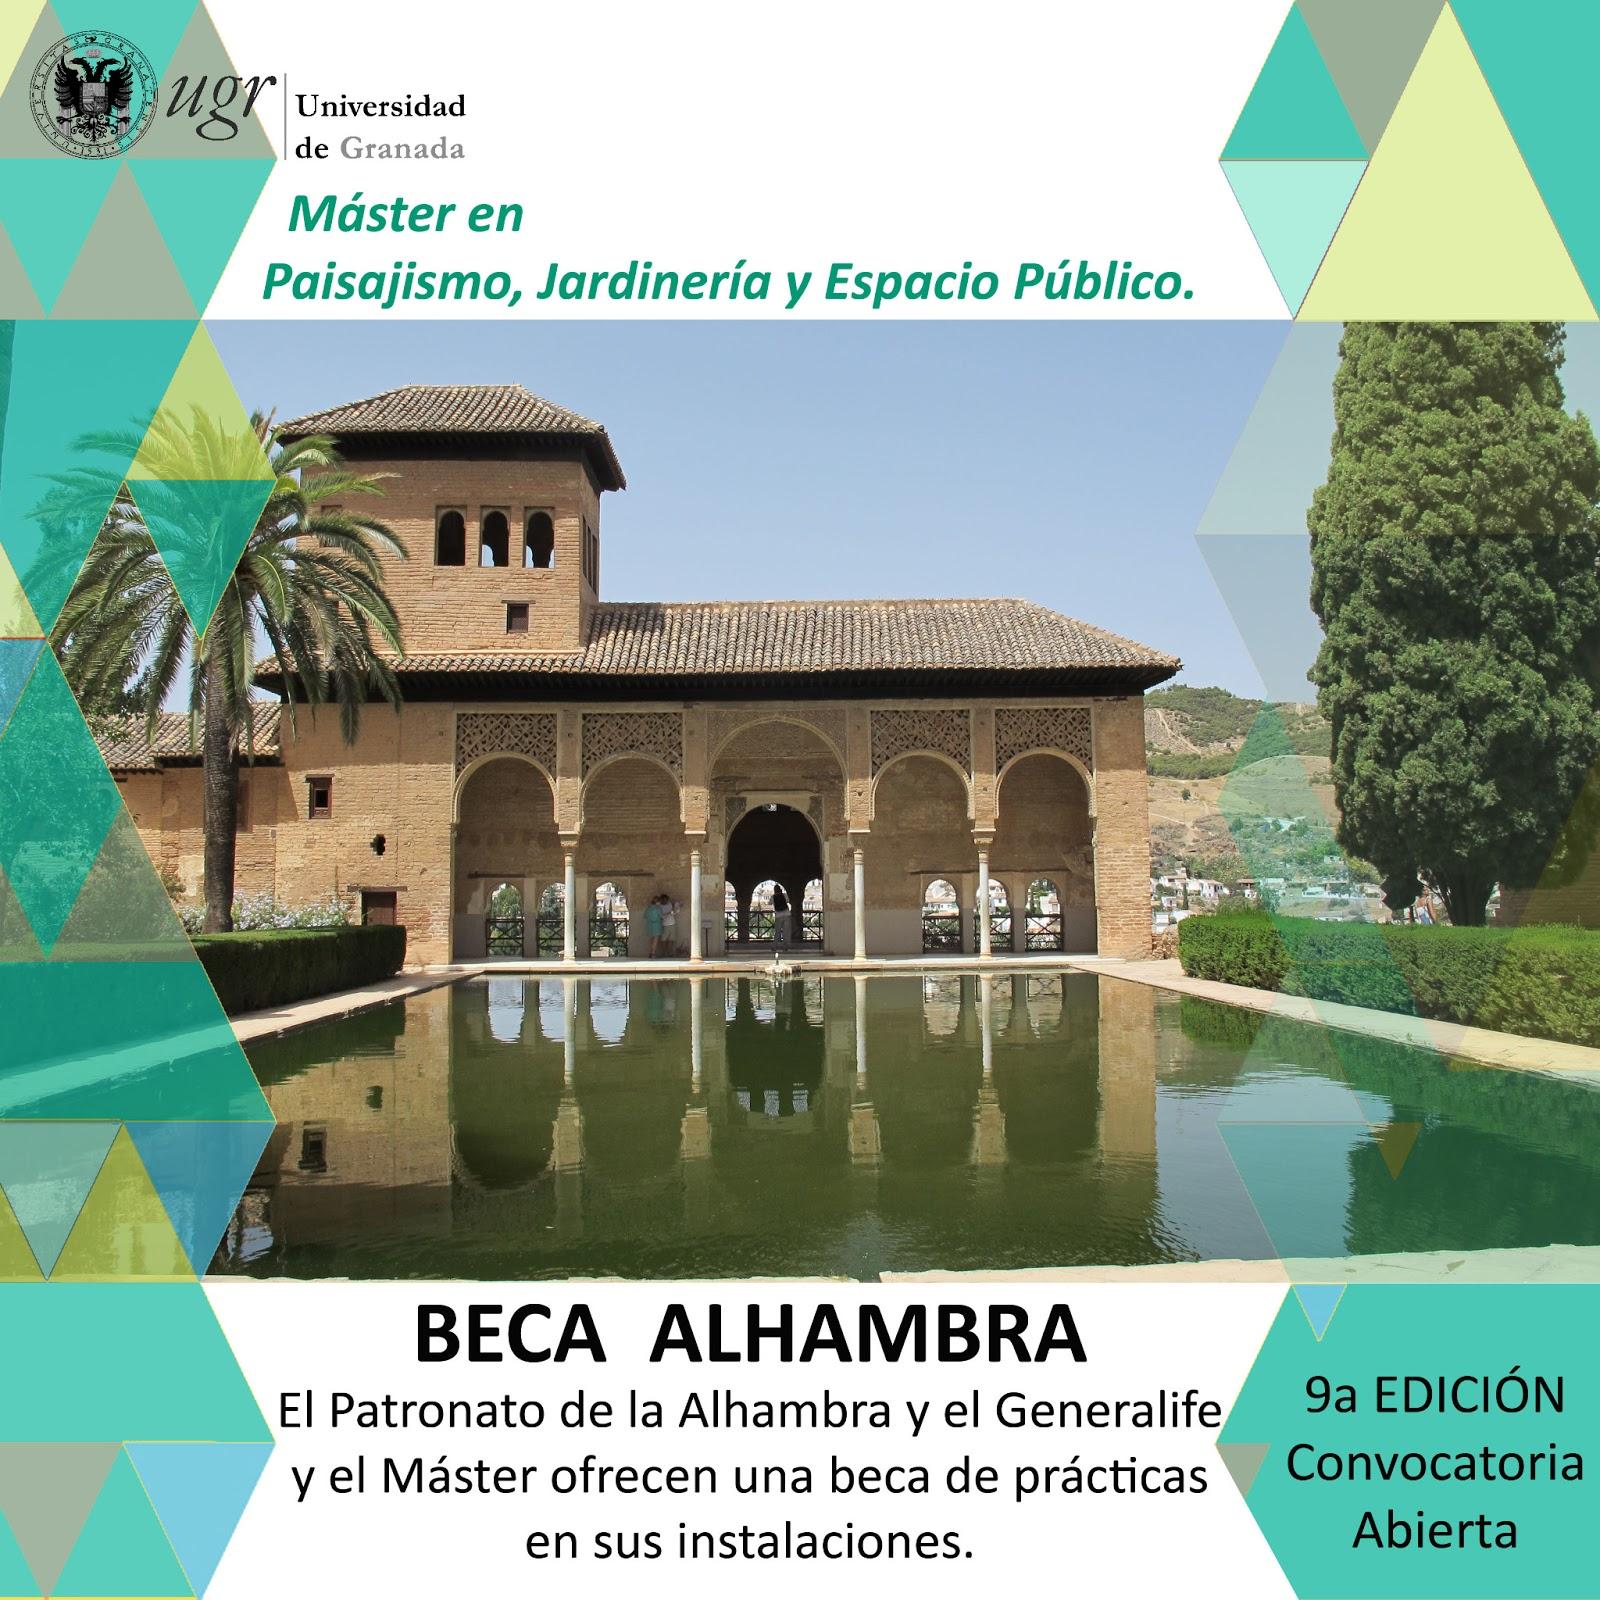 M ster en paisajismo jardiner a y espacio p blico granada beca alhambra - Master en paisajismo ...